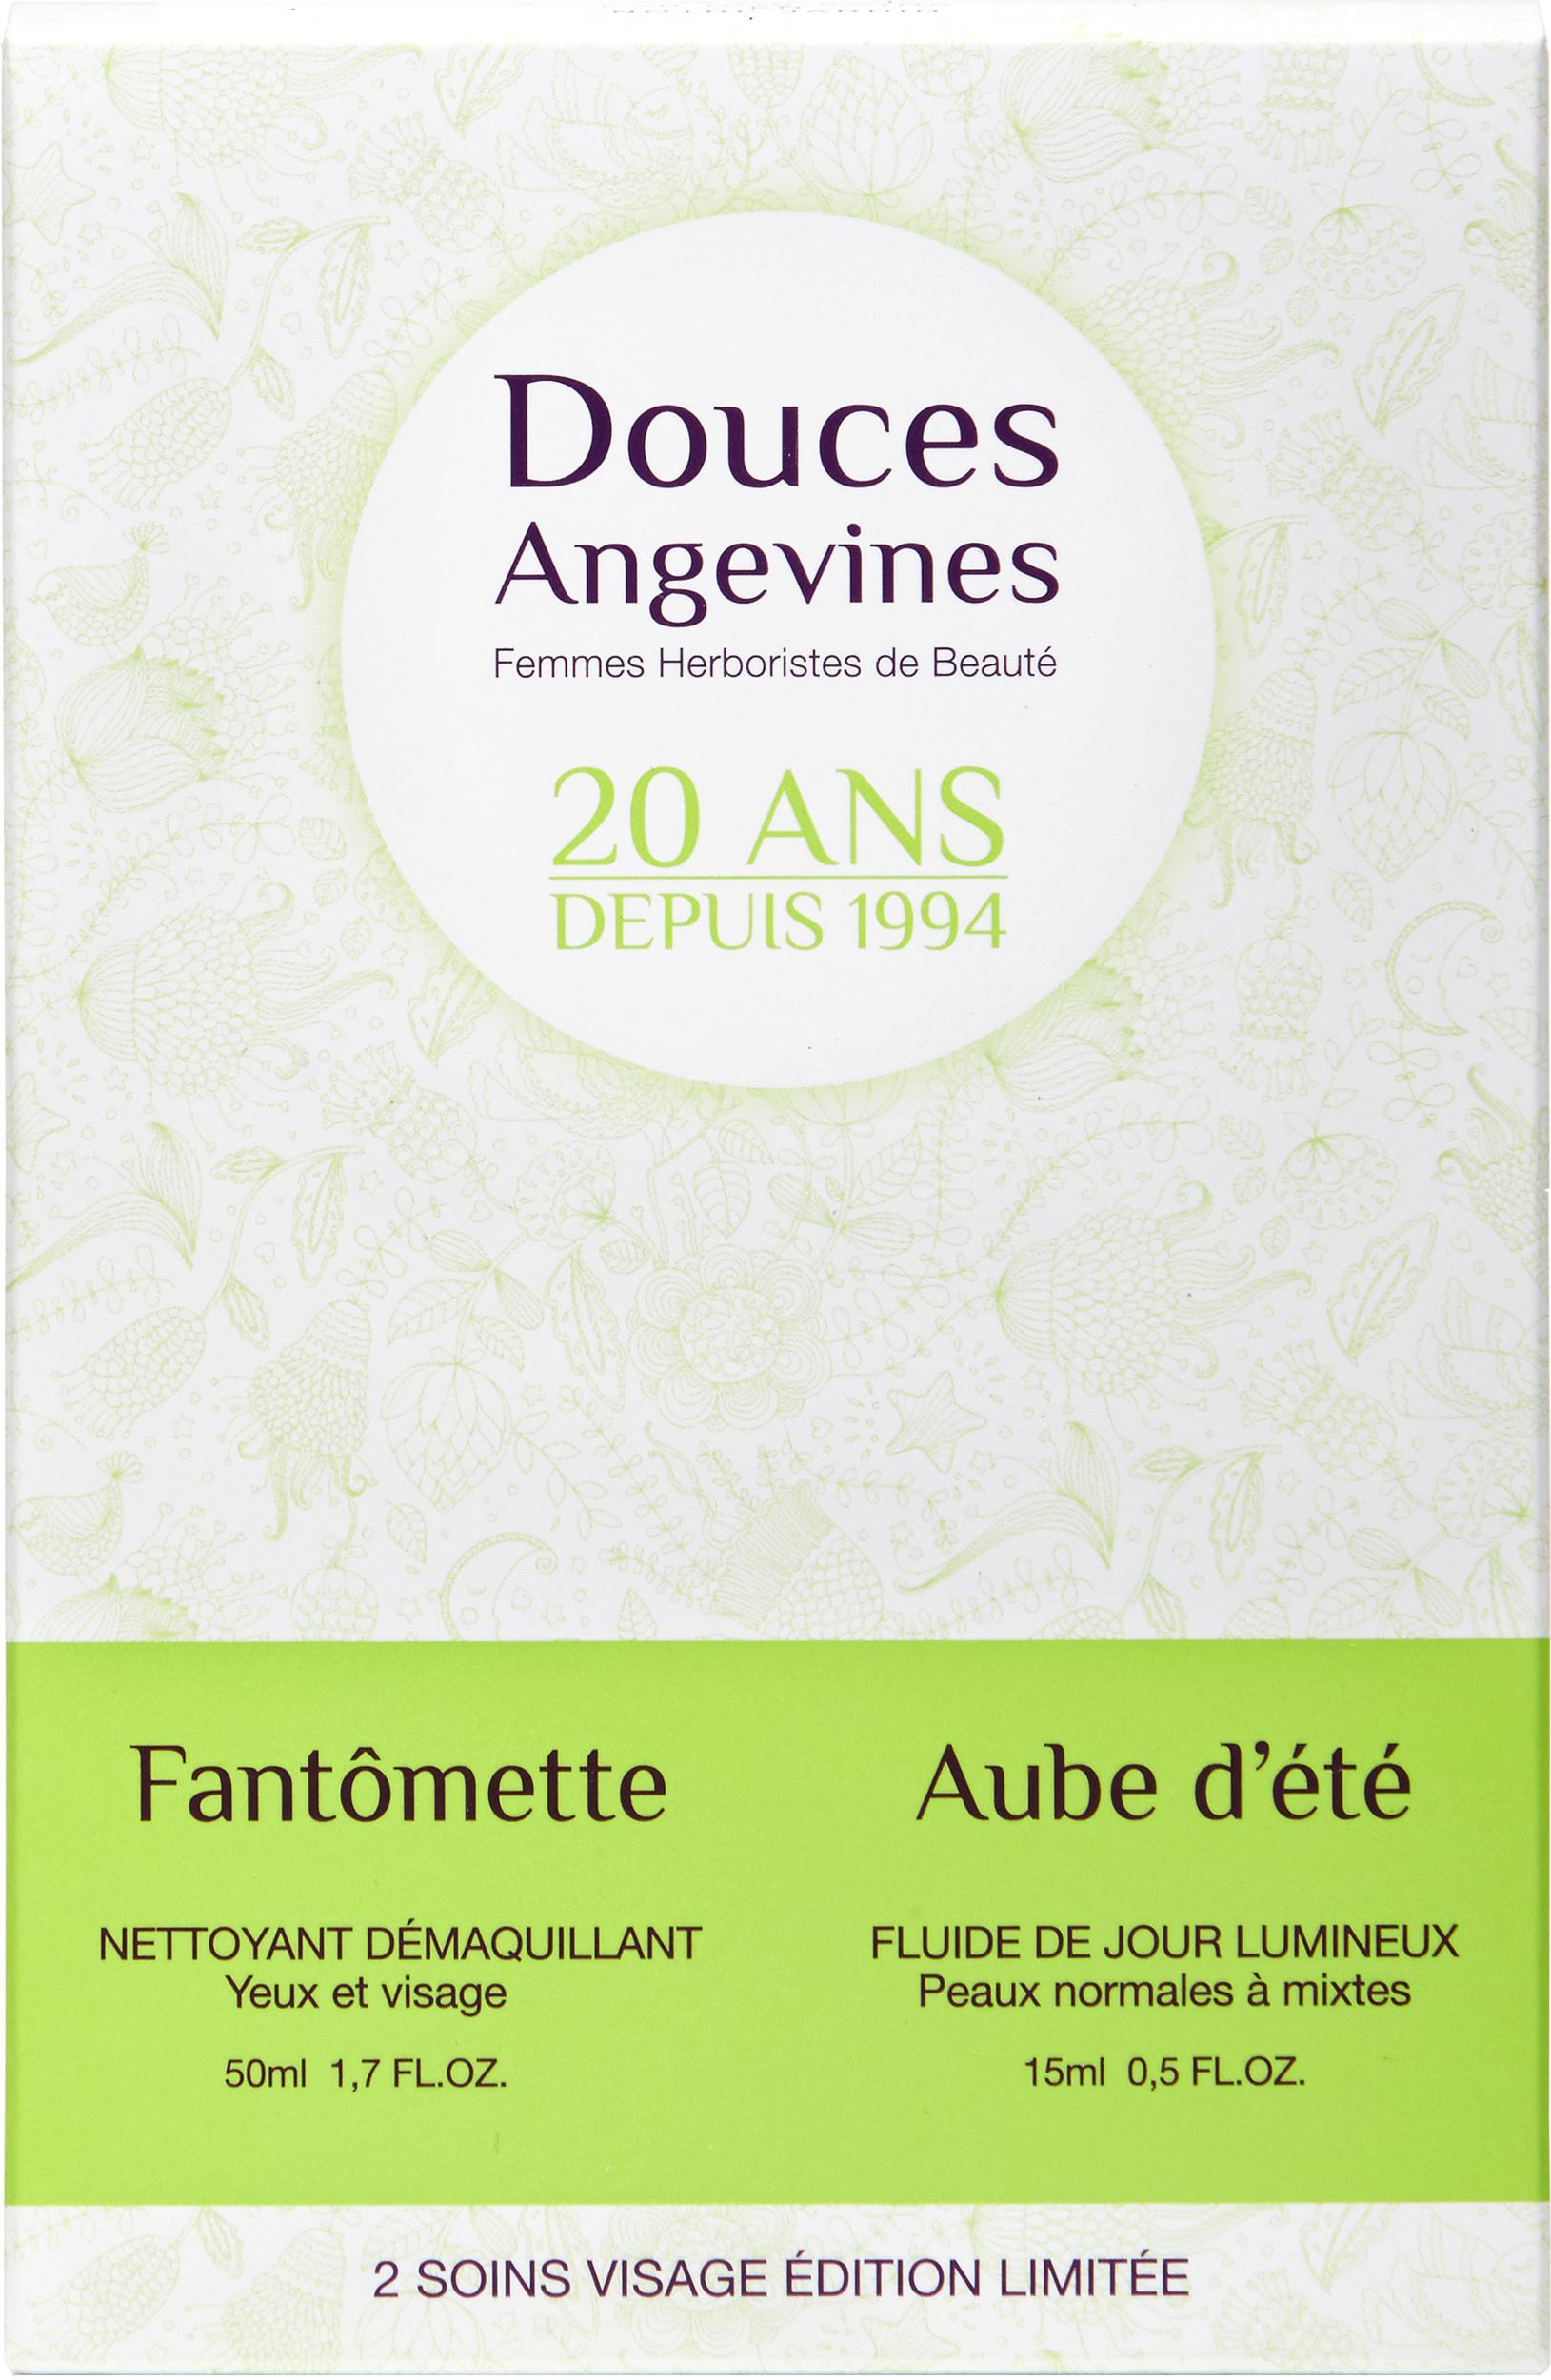 Doux Good - Douces Angevines - Offre anniversaire 20 ans, duo huile démaquillante et fluide de jour